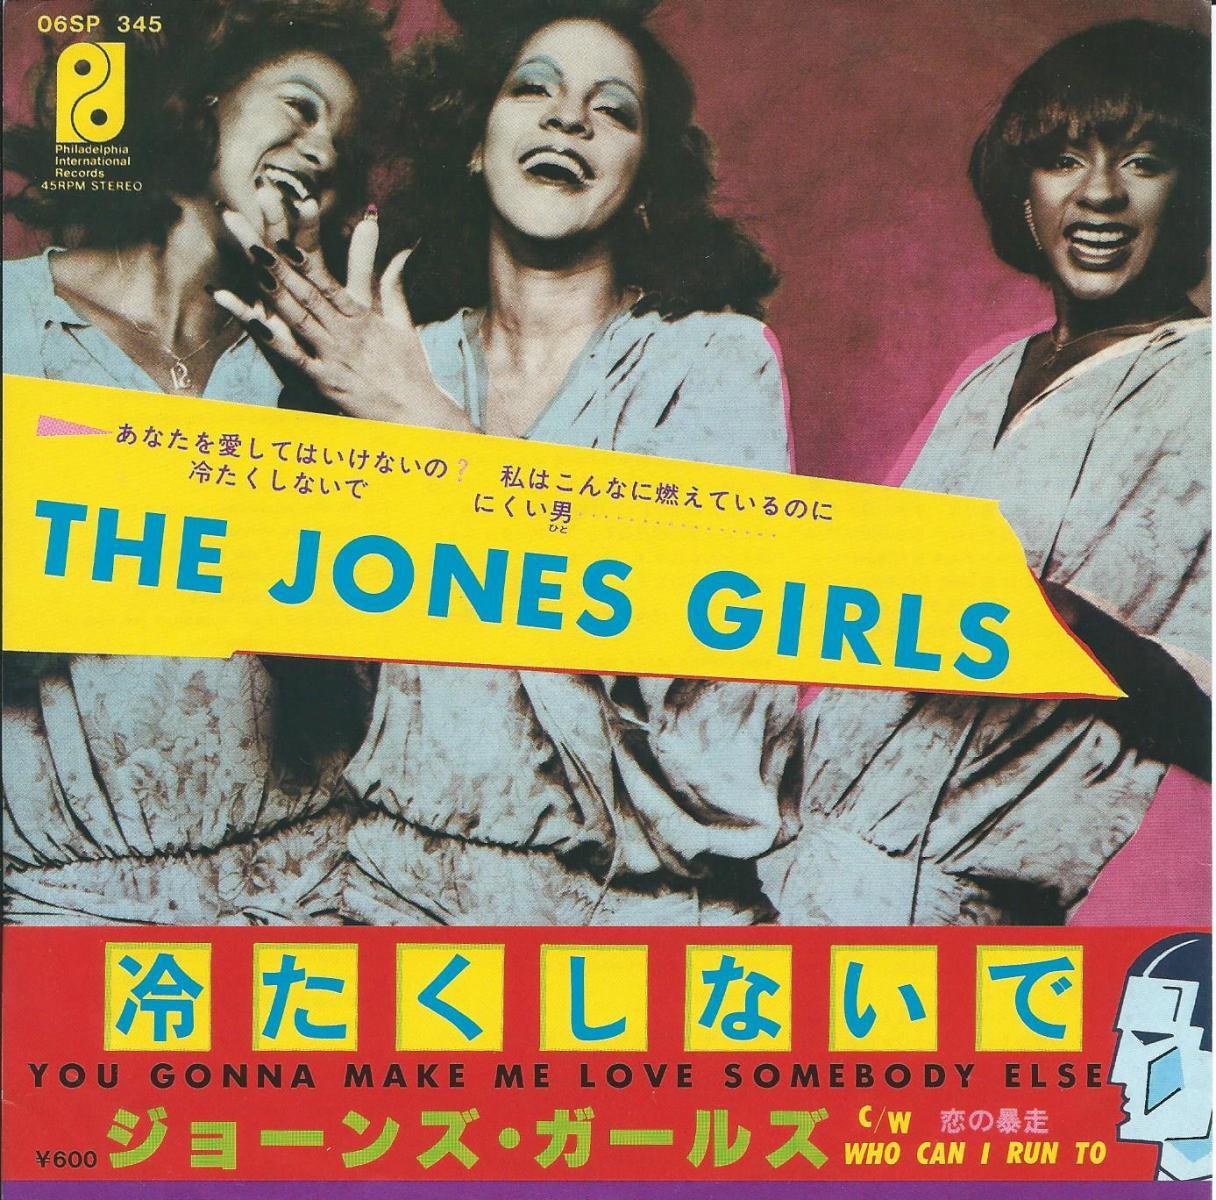 ジョーンズ・ガールズ THE JONES GIRLS / 冷たくしないで YOU GONNA MAKE ME LOVE SOMEBODY ELSE (7